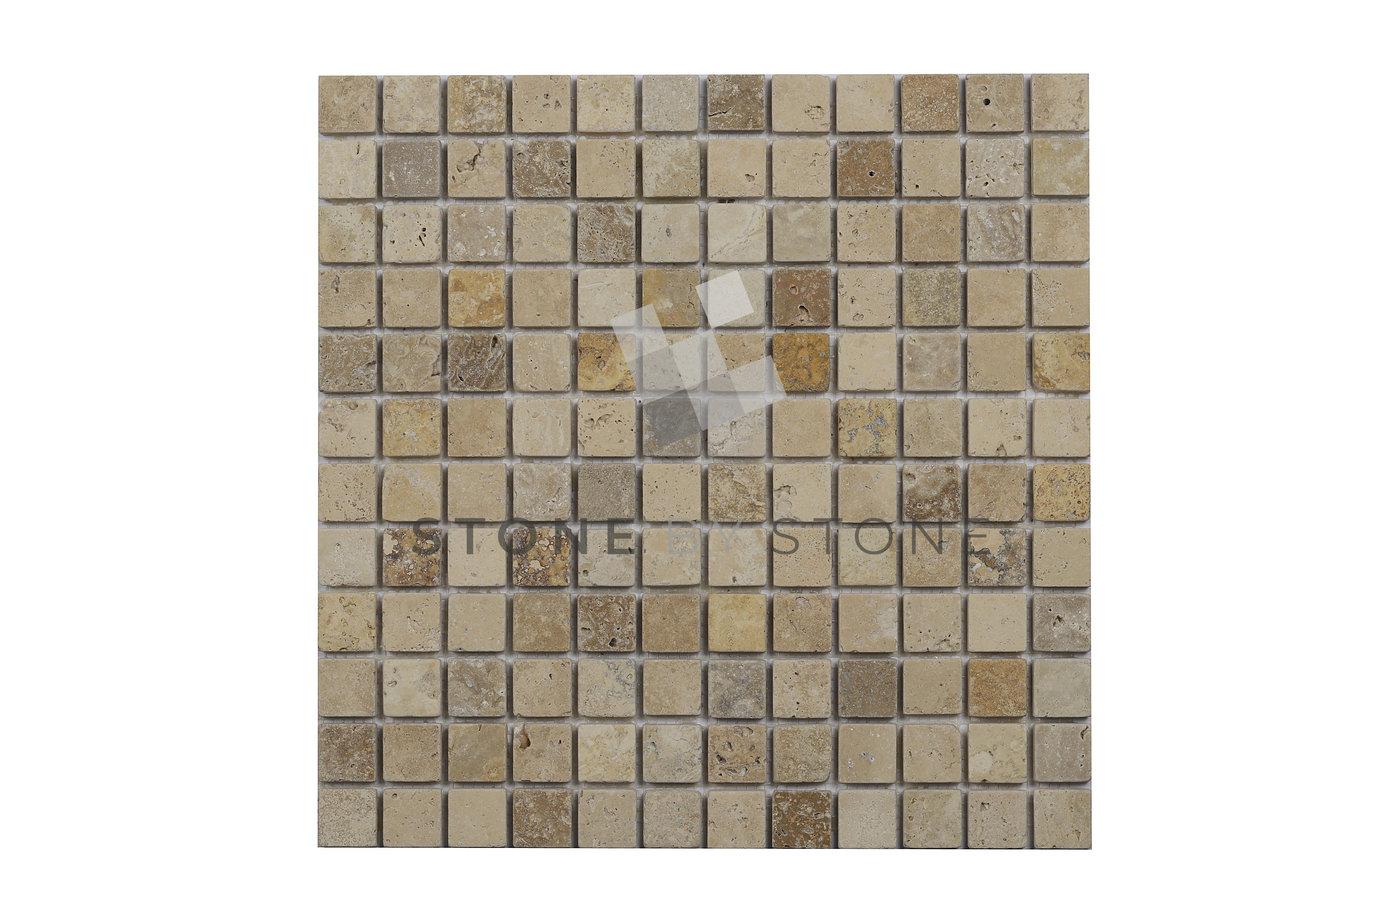 Mosaique 2.3x2.3/1cm - Beige, Noisette & Jaune - Vieilli 1er Choix